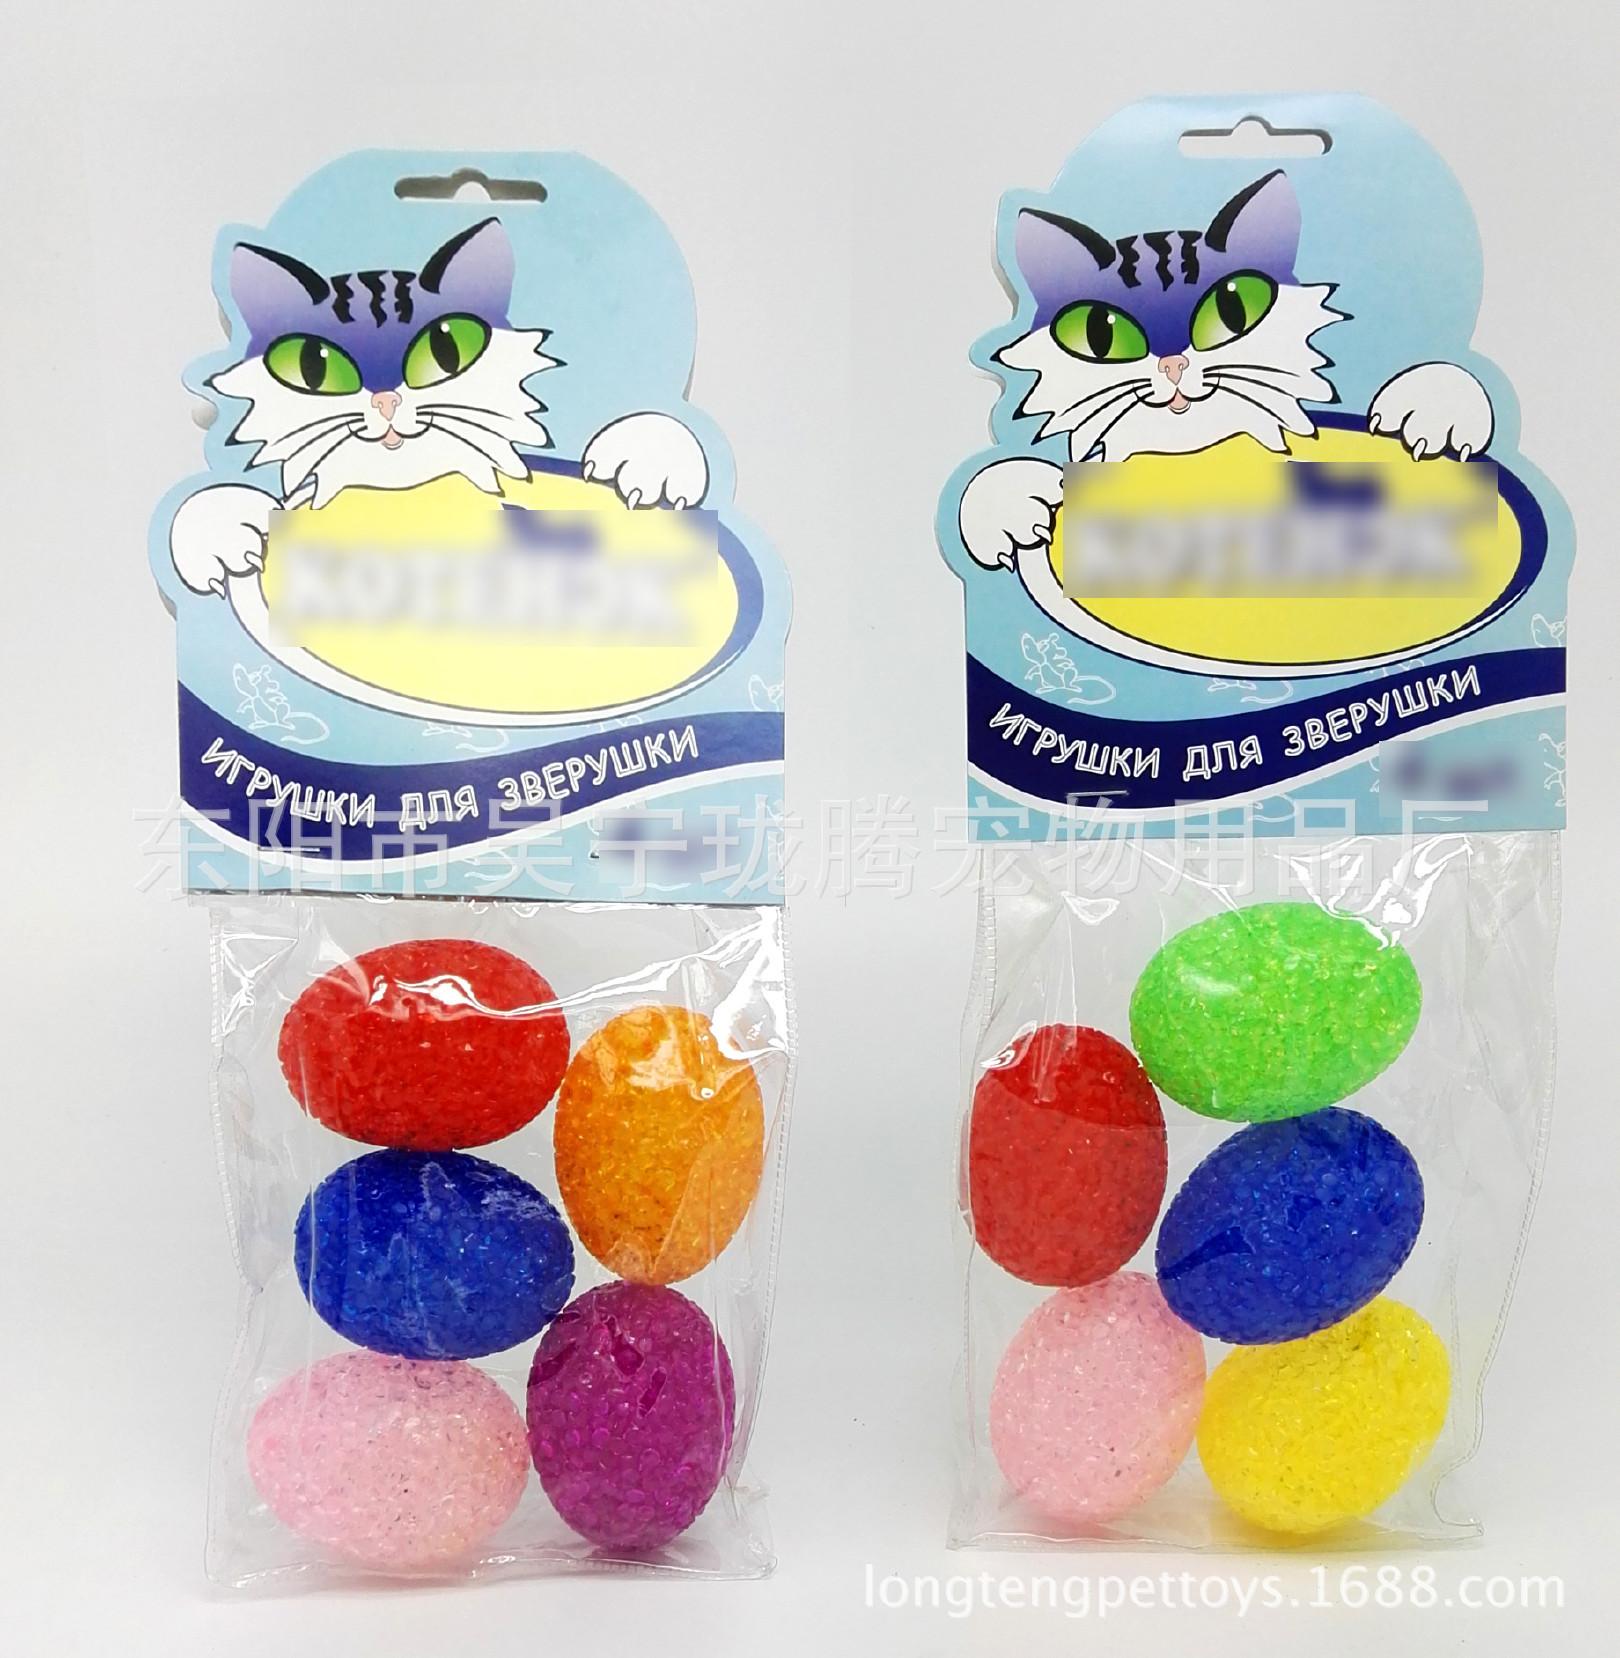 小宠 缤纷套装玩具 大号橄榄粒子球 鸡蛋球 礼袋福袋 猫狗通用